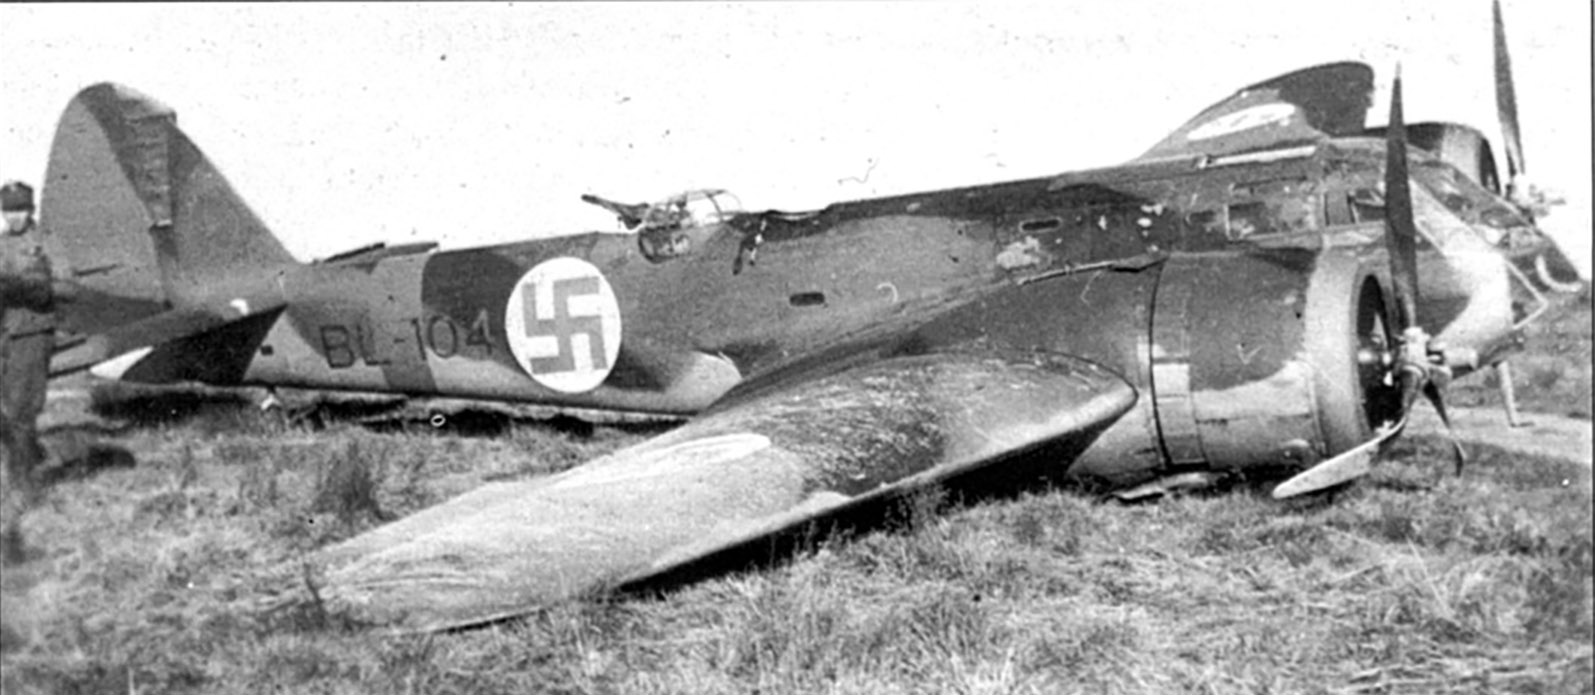 FAF 2.LeLv44 BL104 force landed 8th July 1941 01